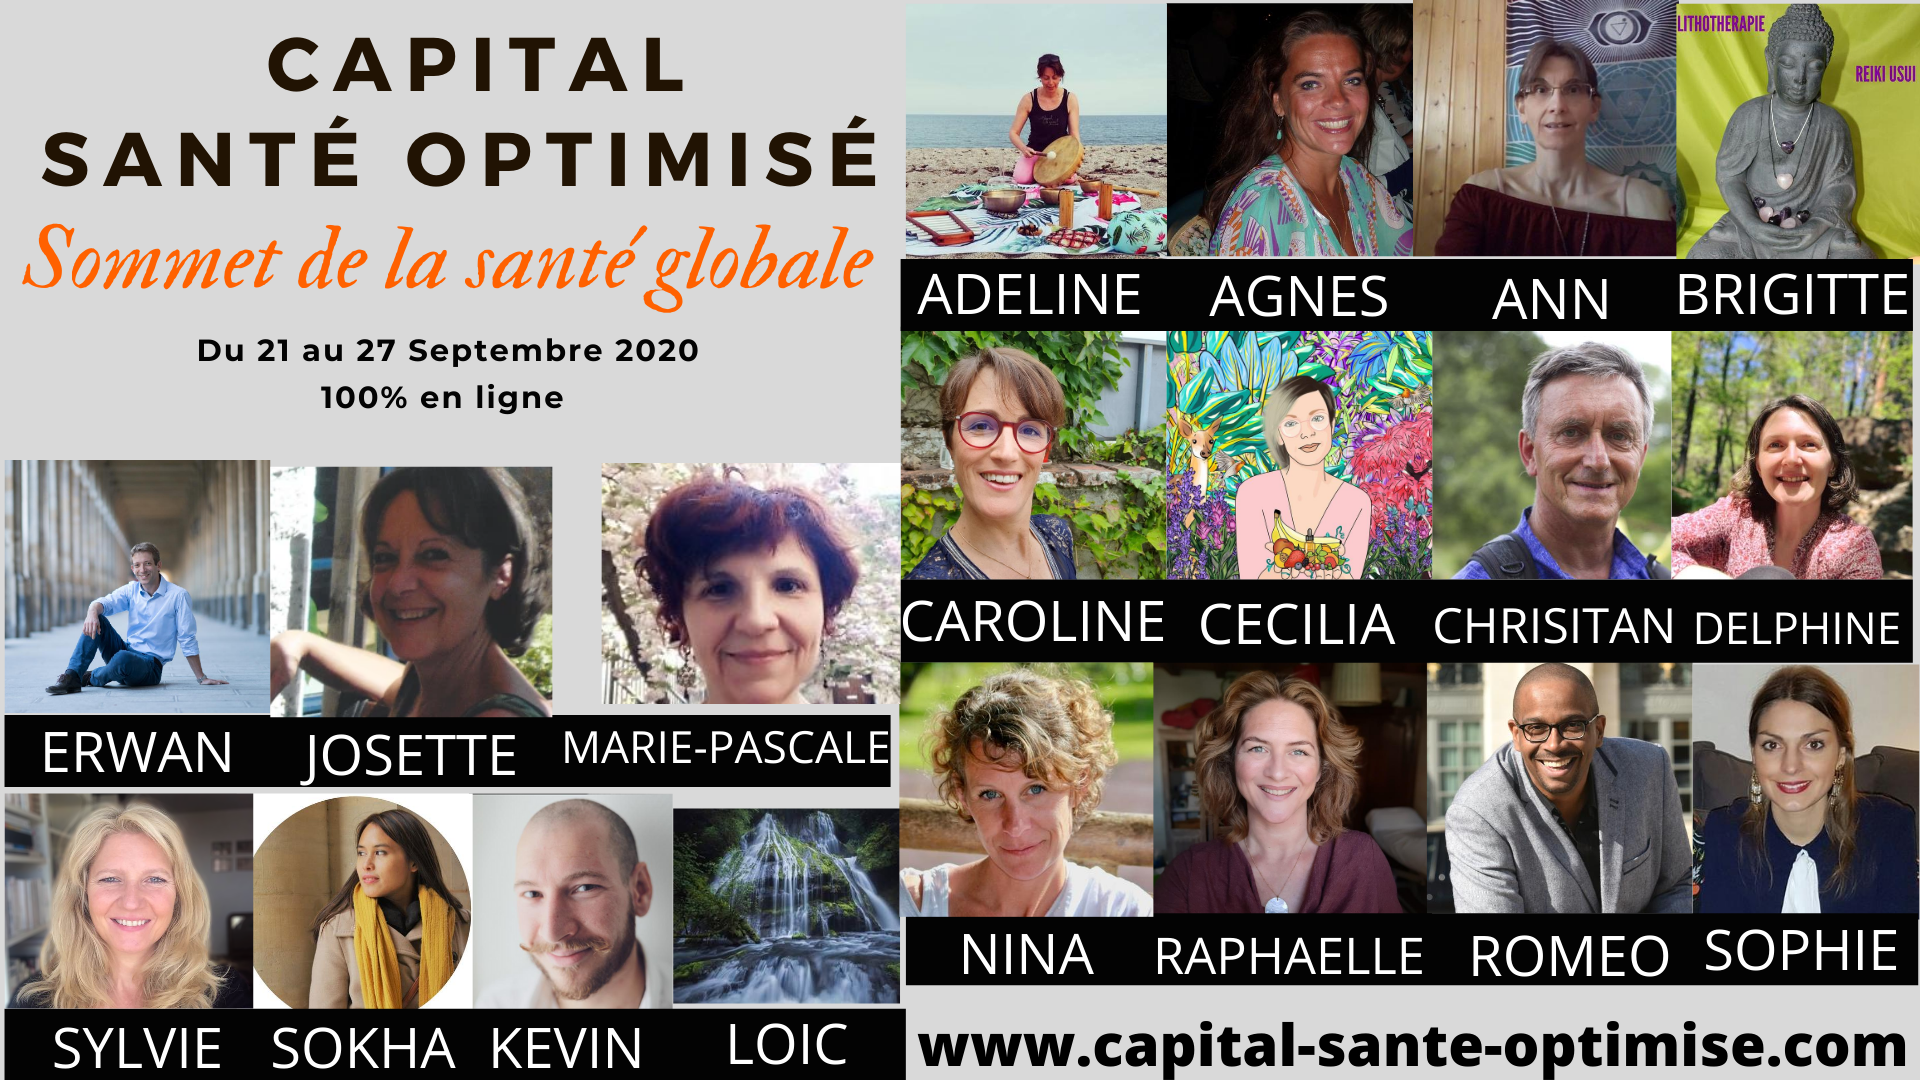 Sommet Capital Santé Optimisé